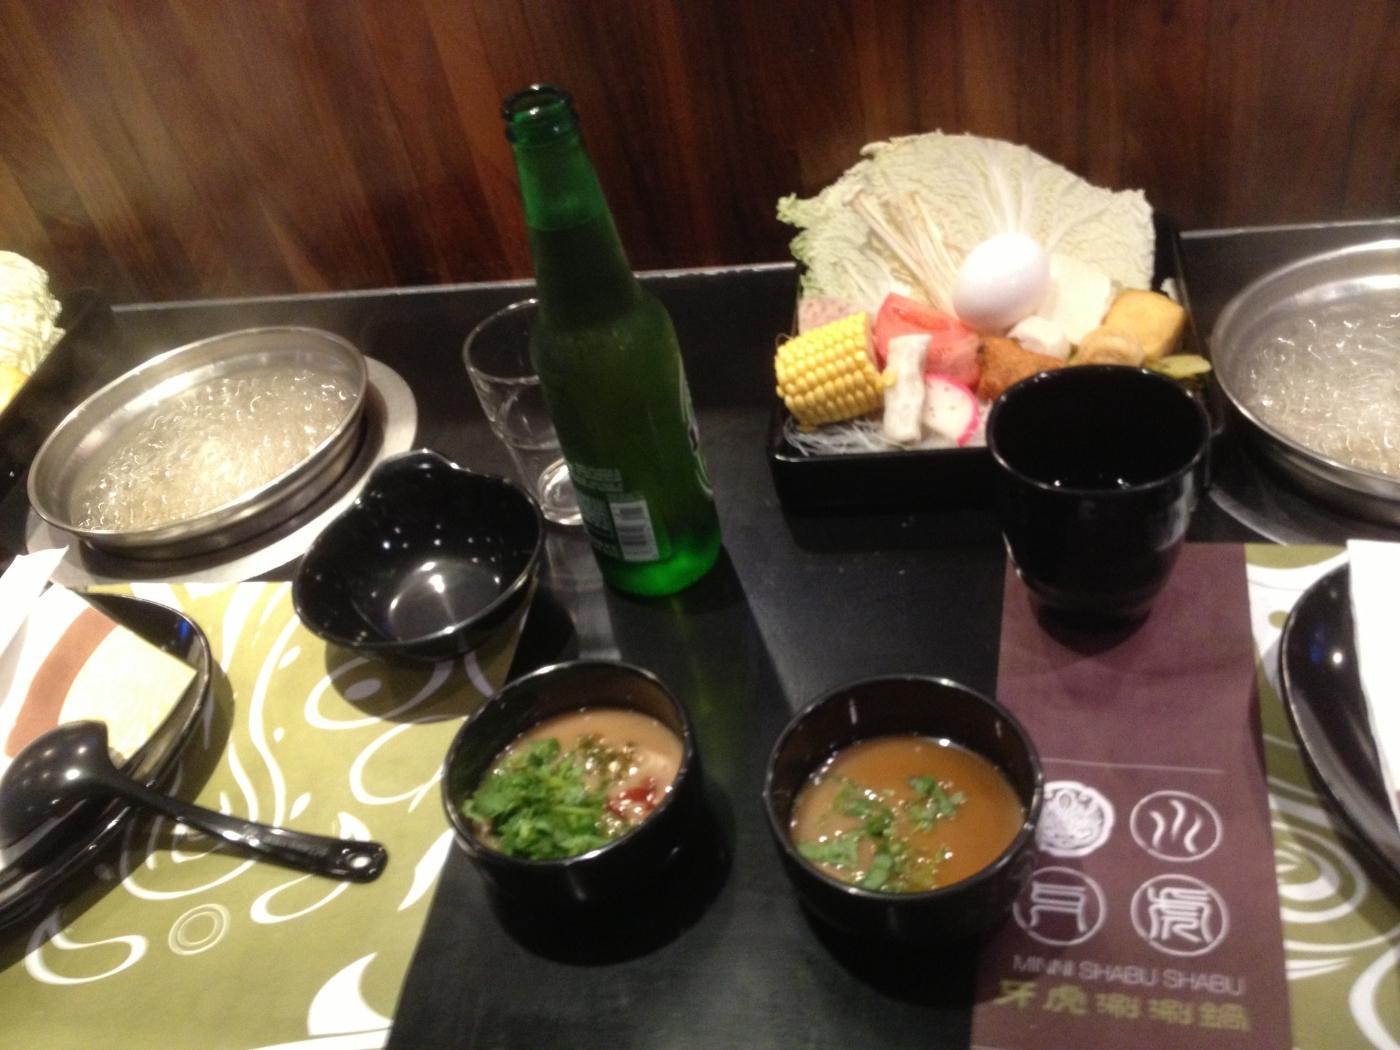 [jiejoy]星期日的晚餐---牙虎迷你涮涮锅_图1-2